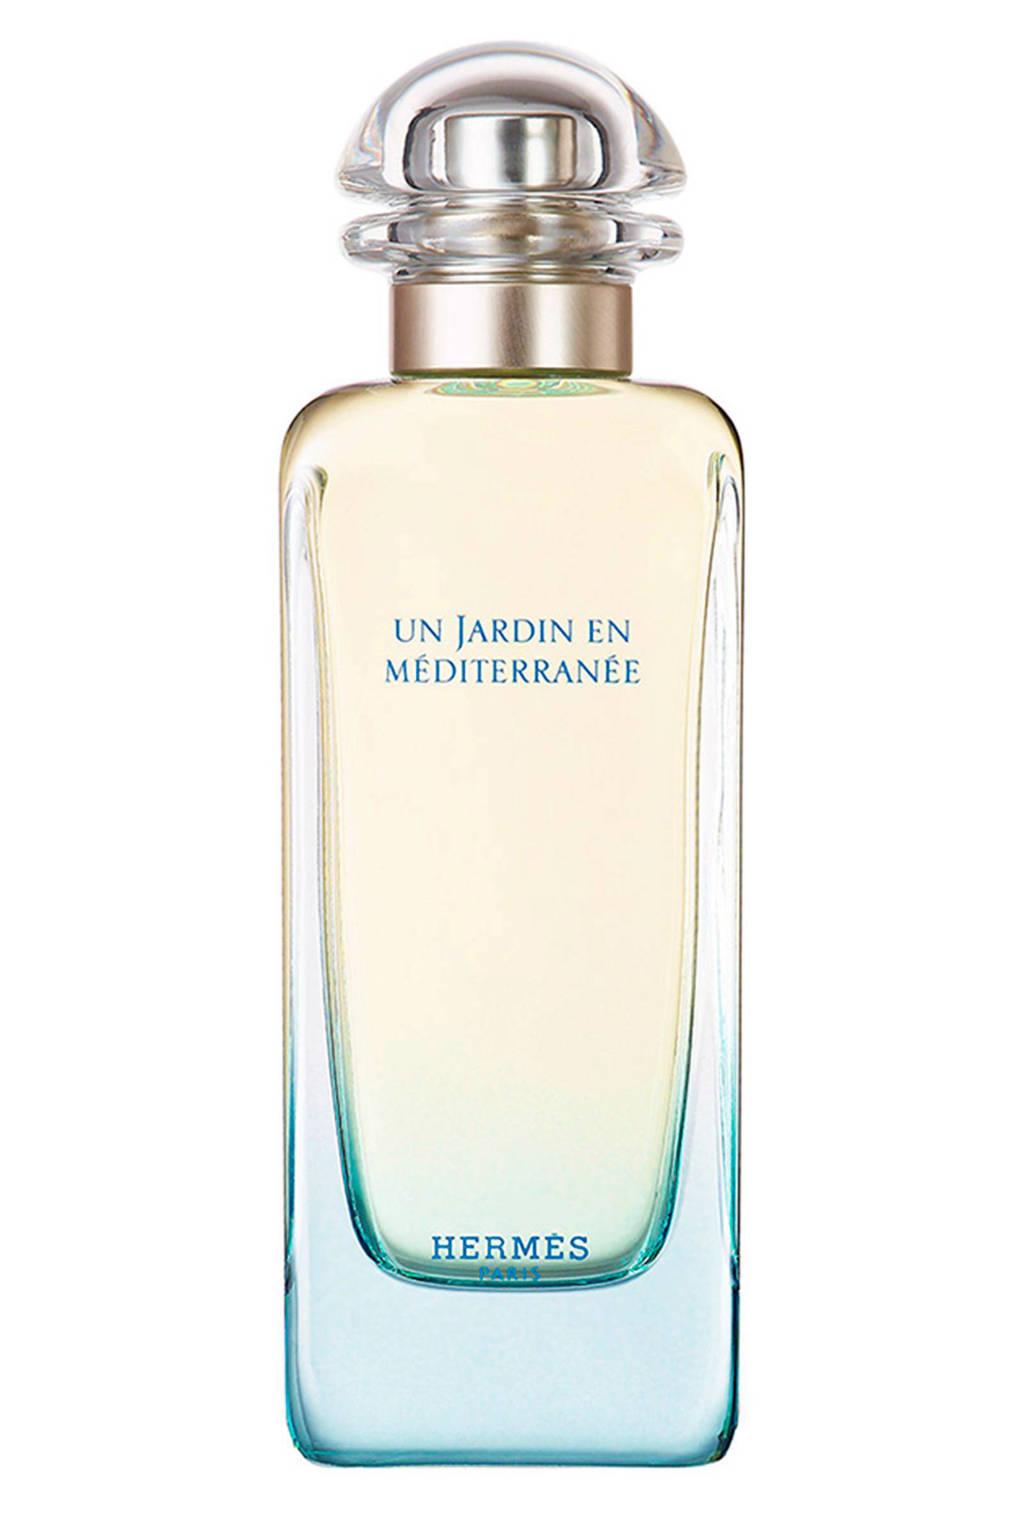 Hermes Paris Un Jardin en Mediterrannee eau de toilette - 100 ml